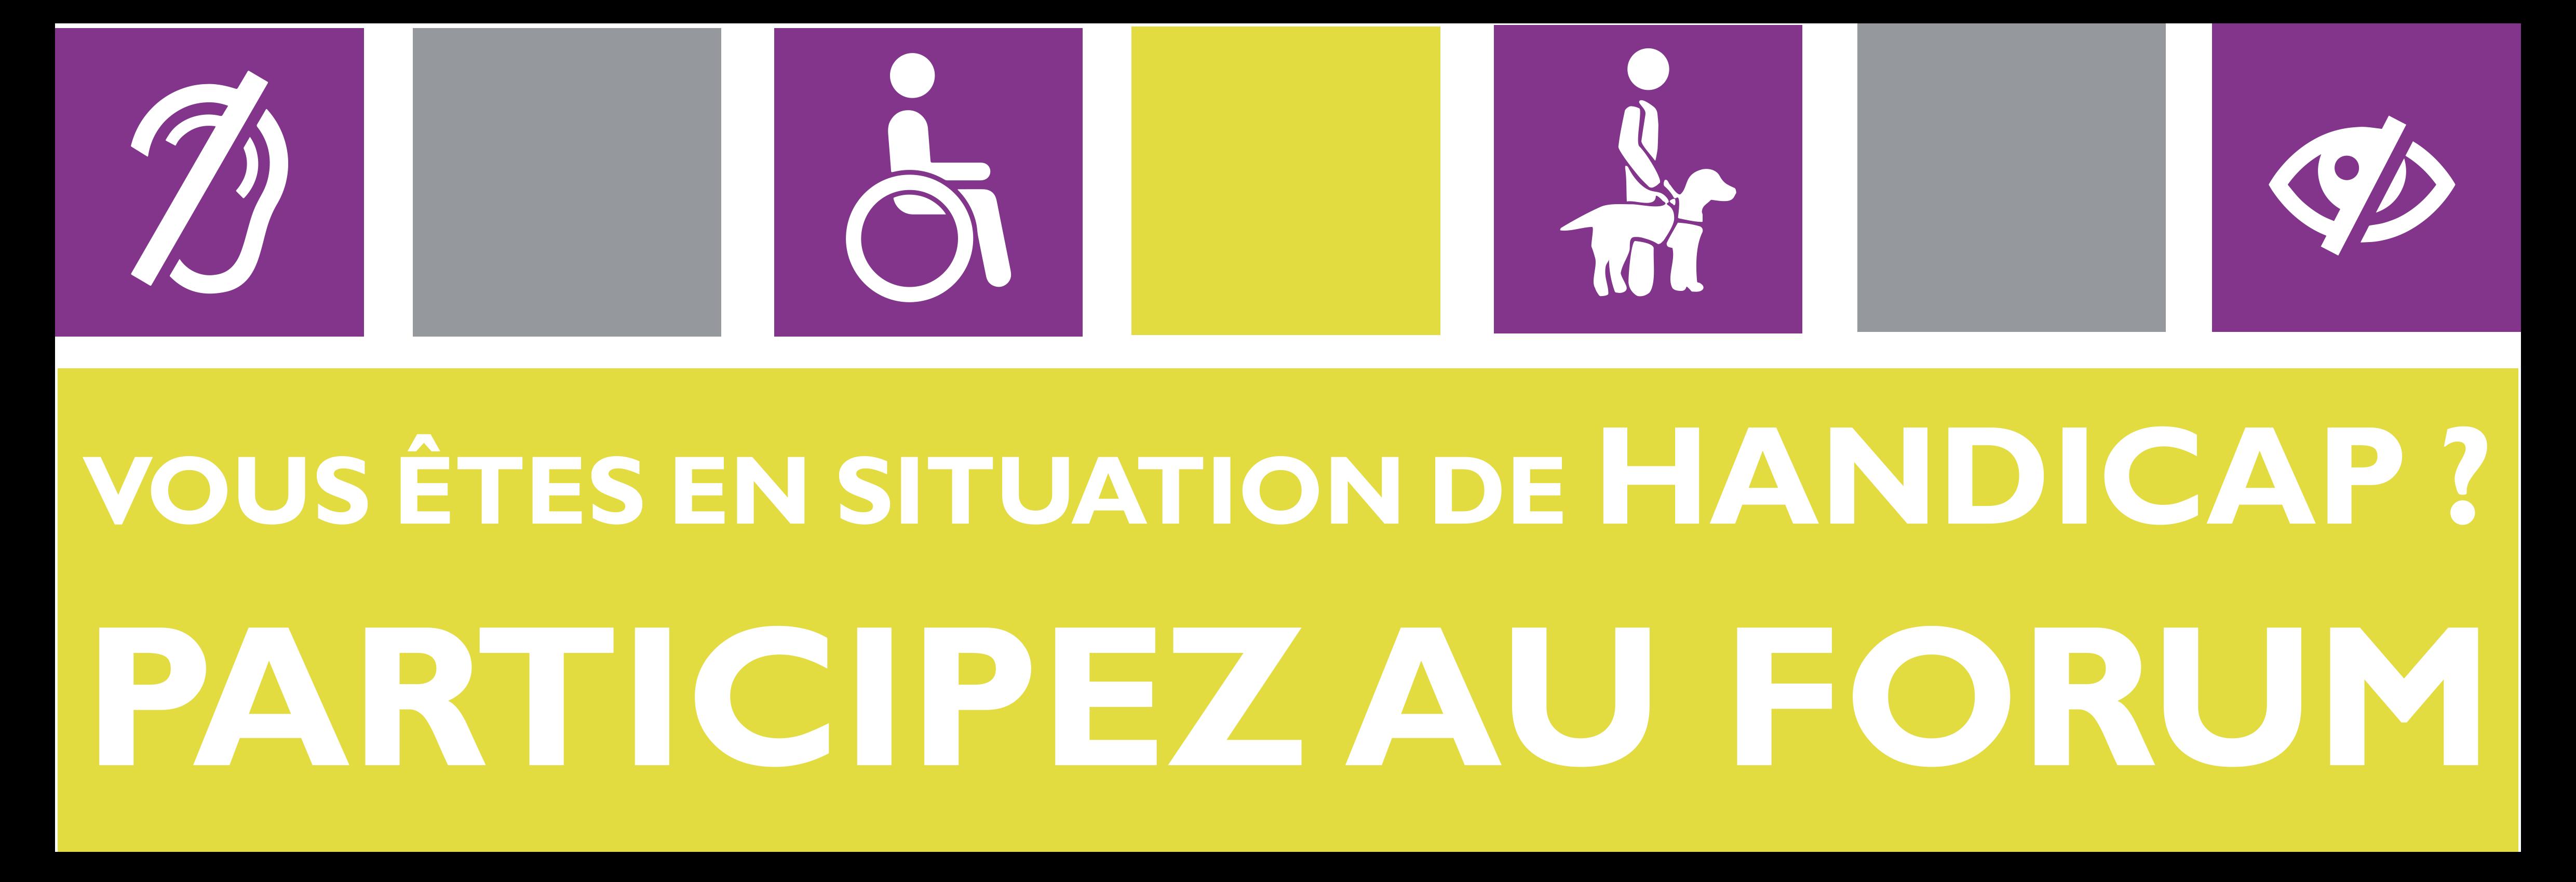 Rencontres emploi handicap bordeaux